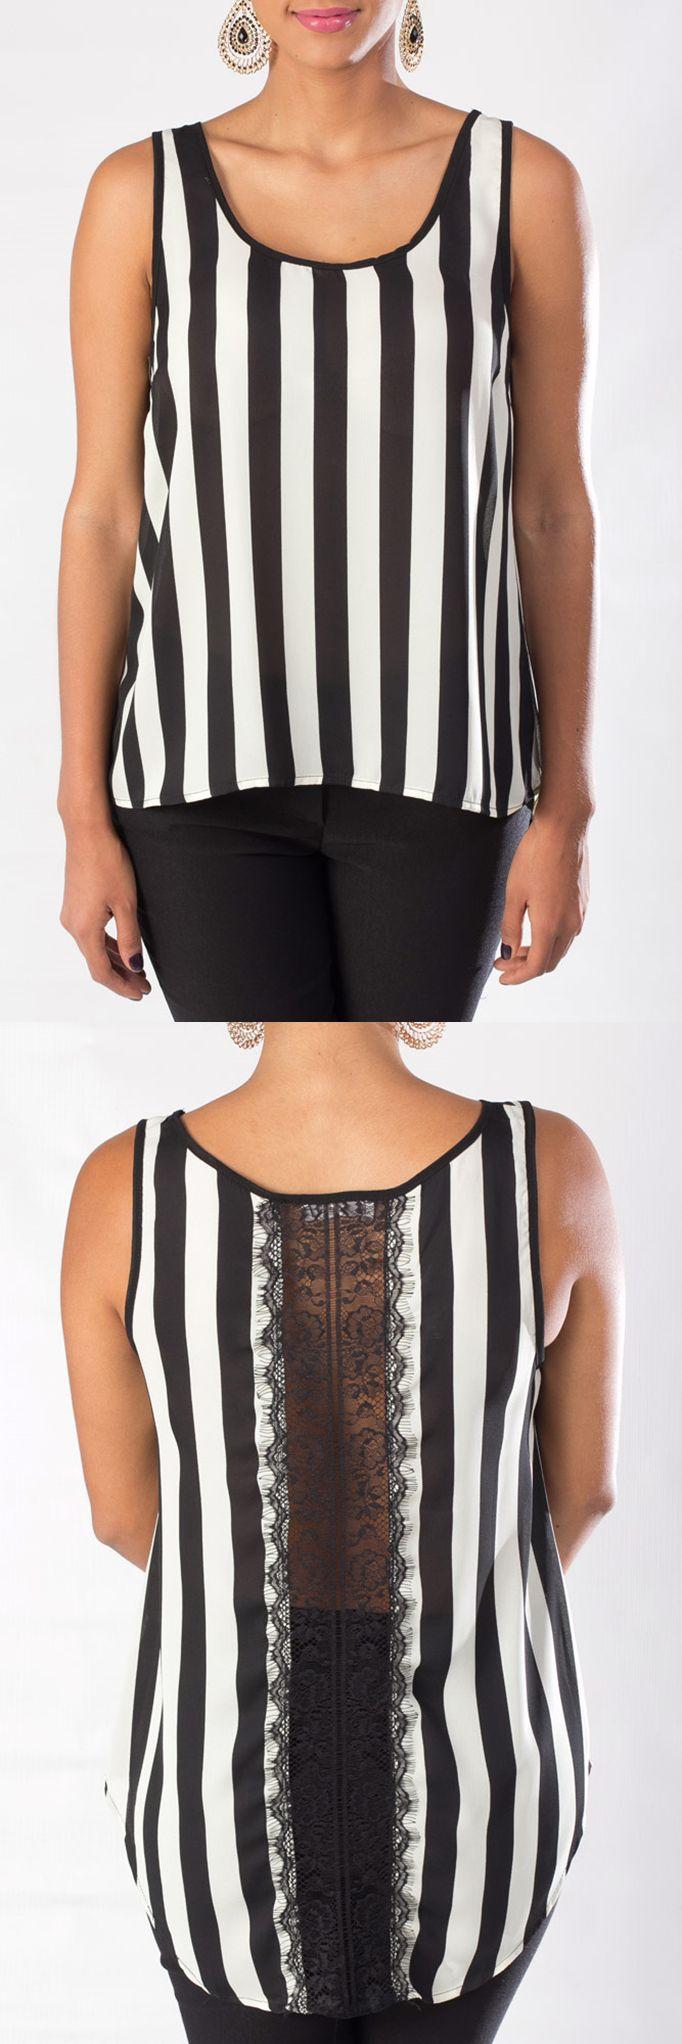 Blusa sin mangas en color negro y blanco con un delicado escote en la espalda.